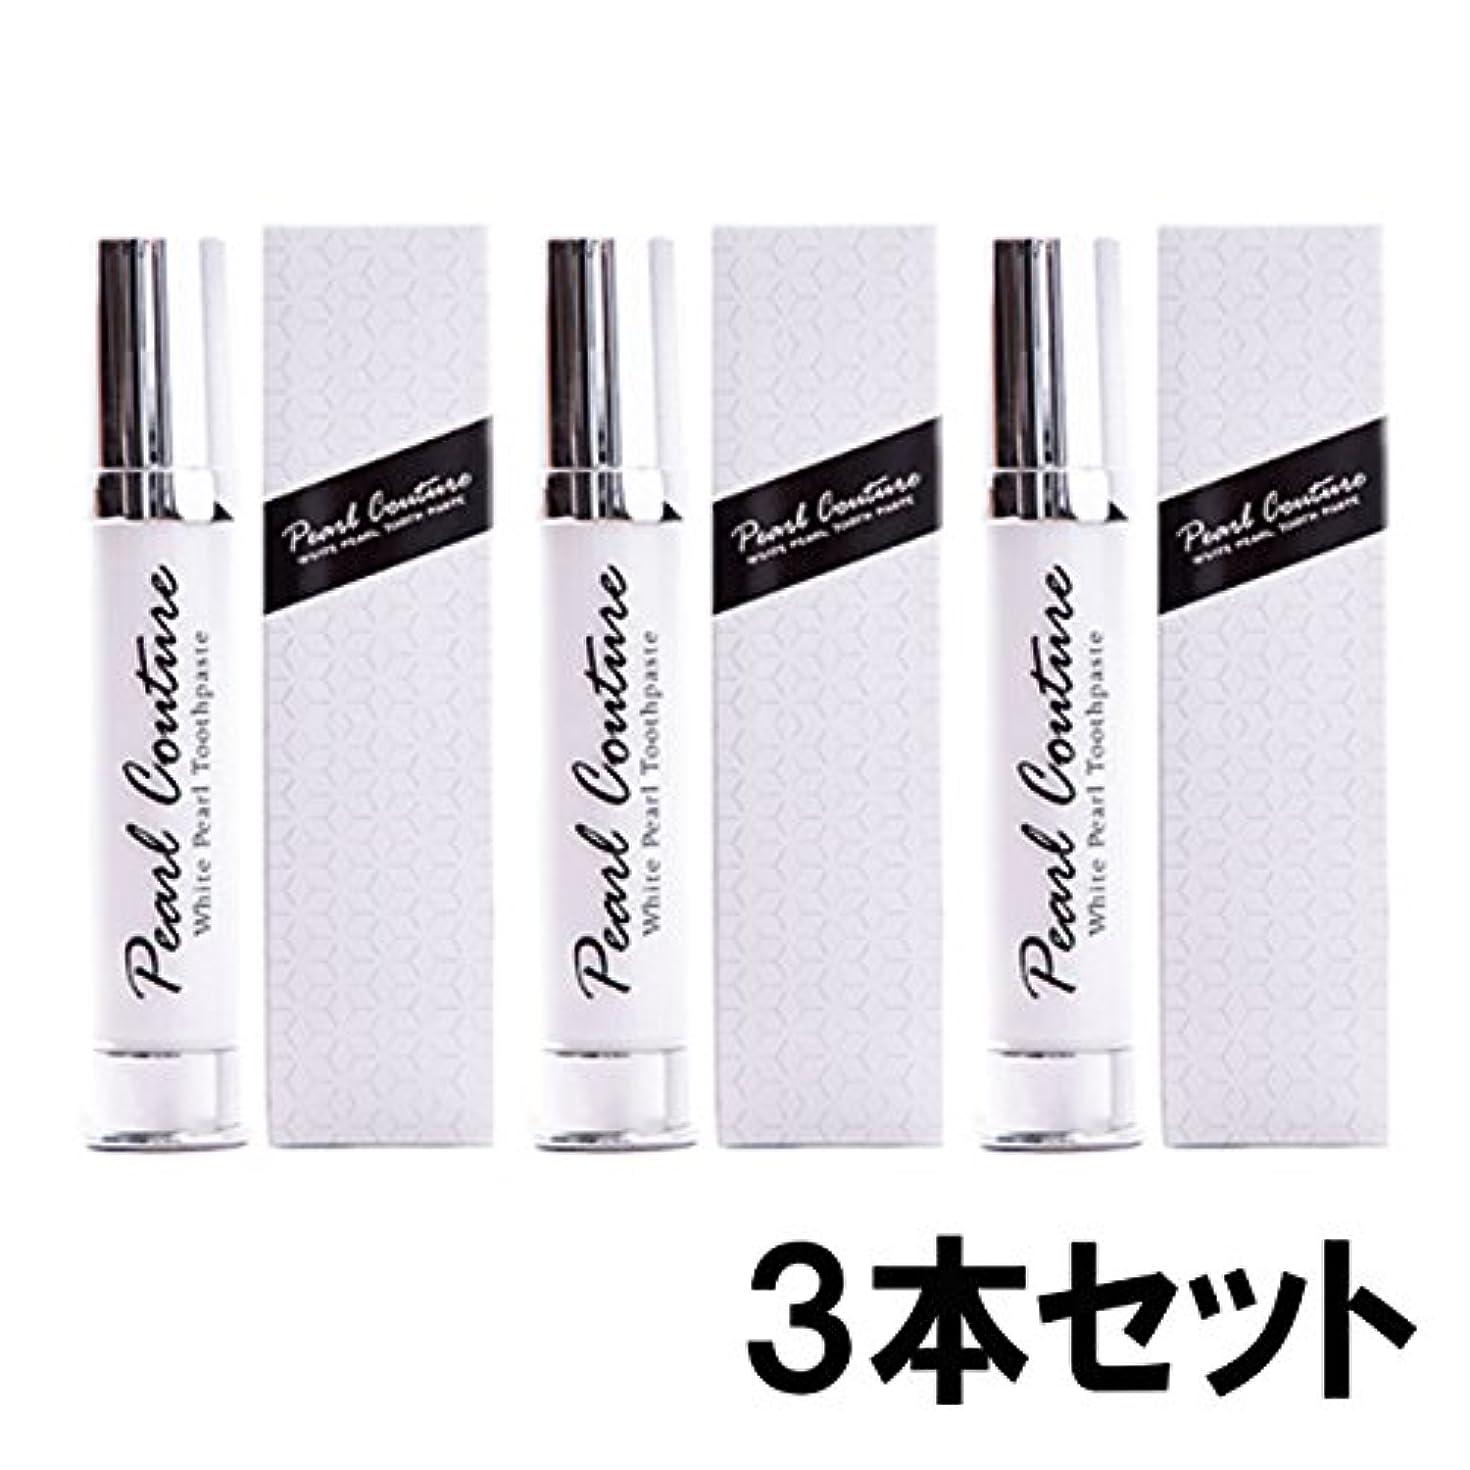 素晴らしい頻繁に依存するパールクチュール 30g×3箱セット 【お得】 ホワイトニング歯磨き 大人気 SNSで話題!!